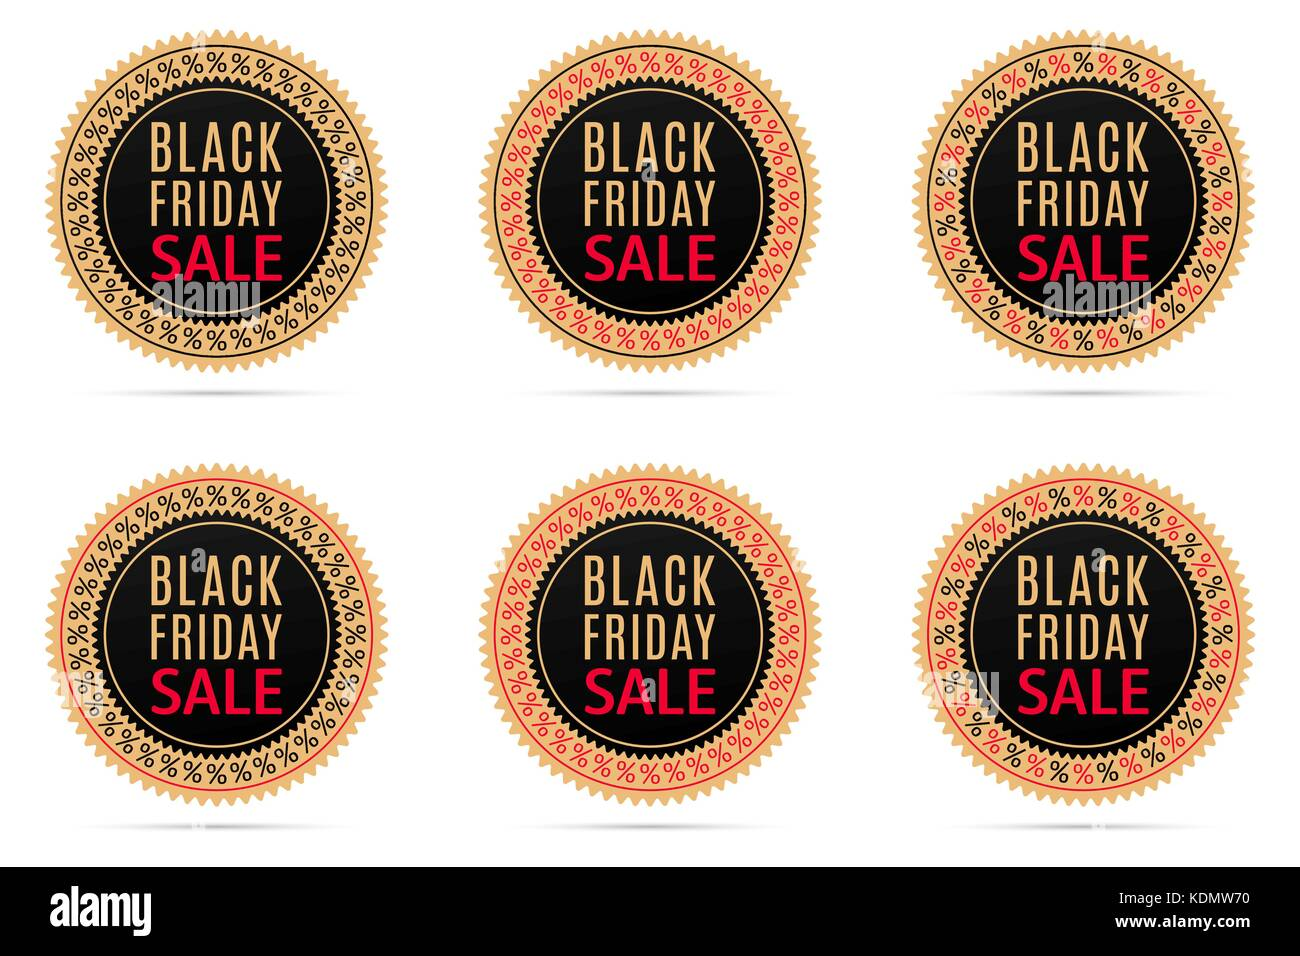 Schwarzer Freitag Verkauf Runde Banner Mit Werbung Für